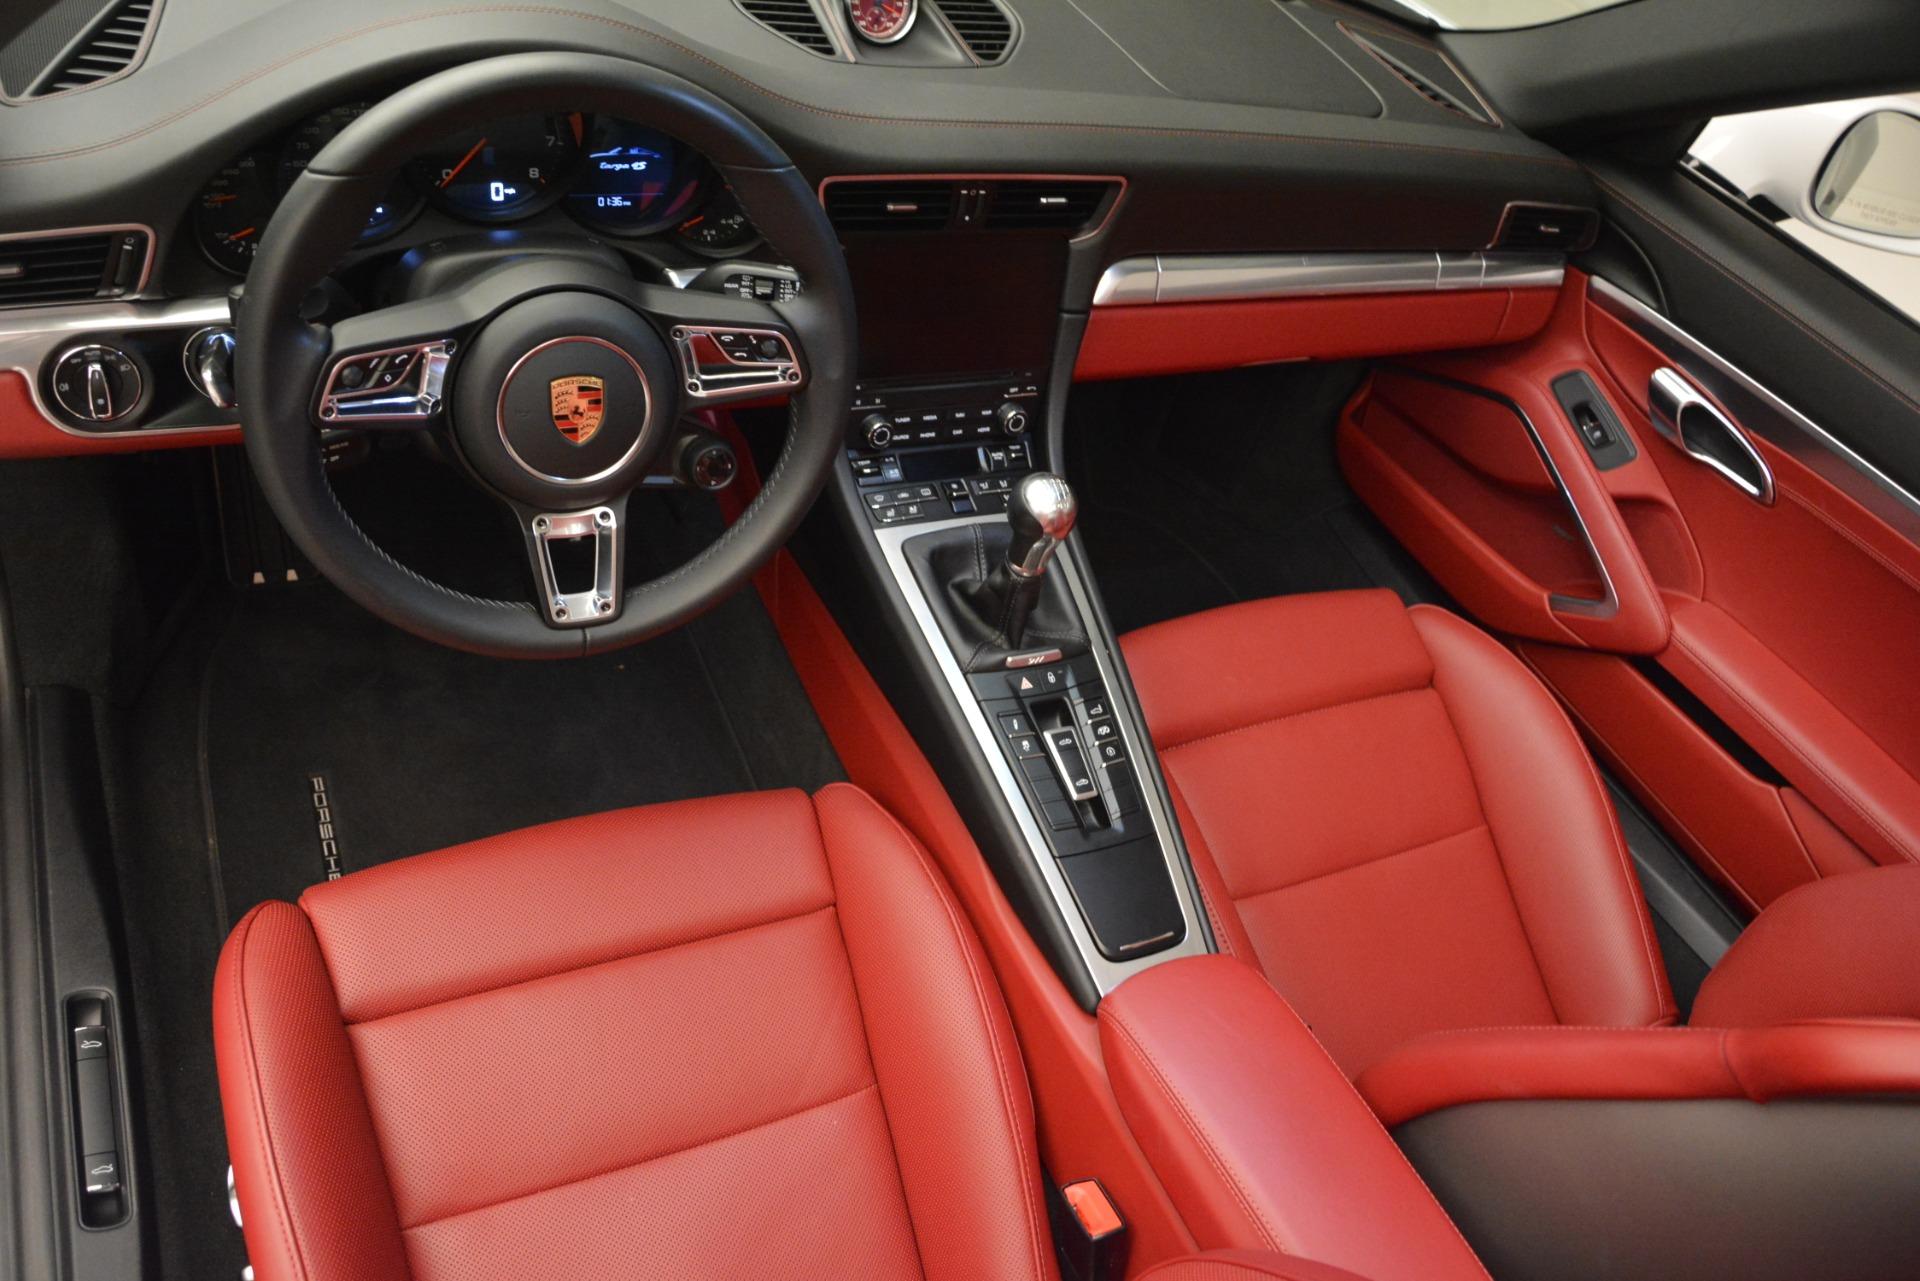 Used 2017 Porsche 911 Targa 4S For Sale In Westport, CT 2593_p13